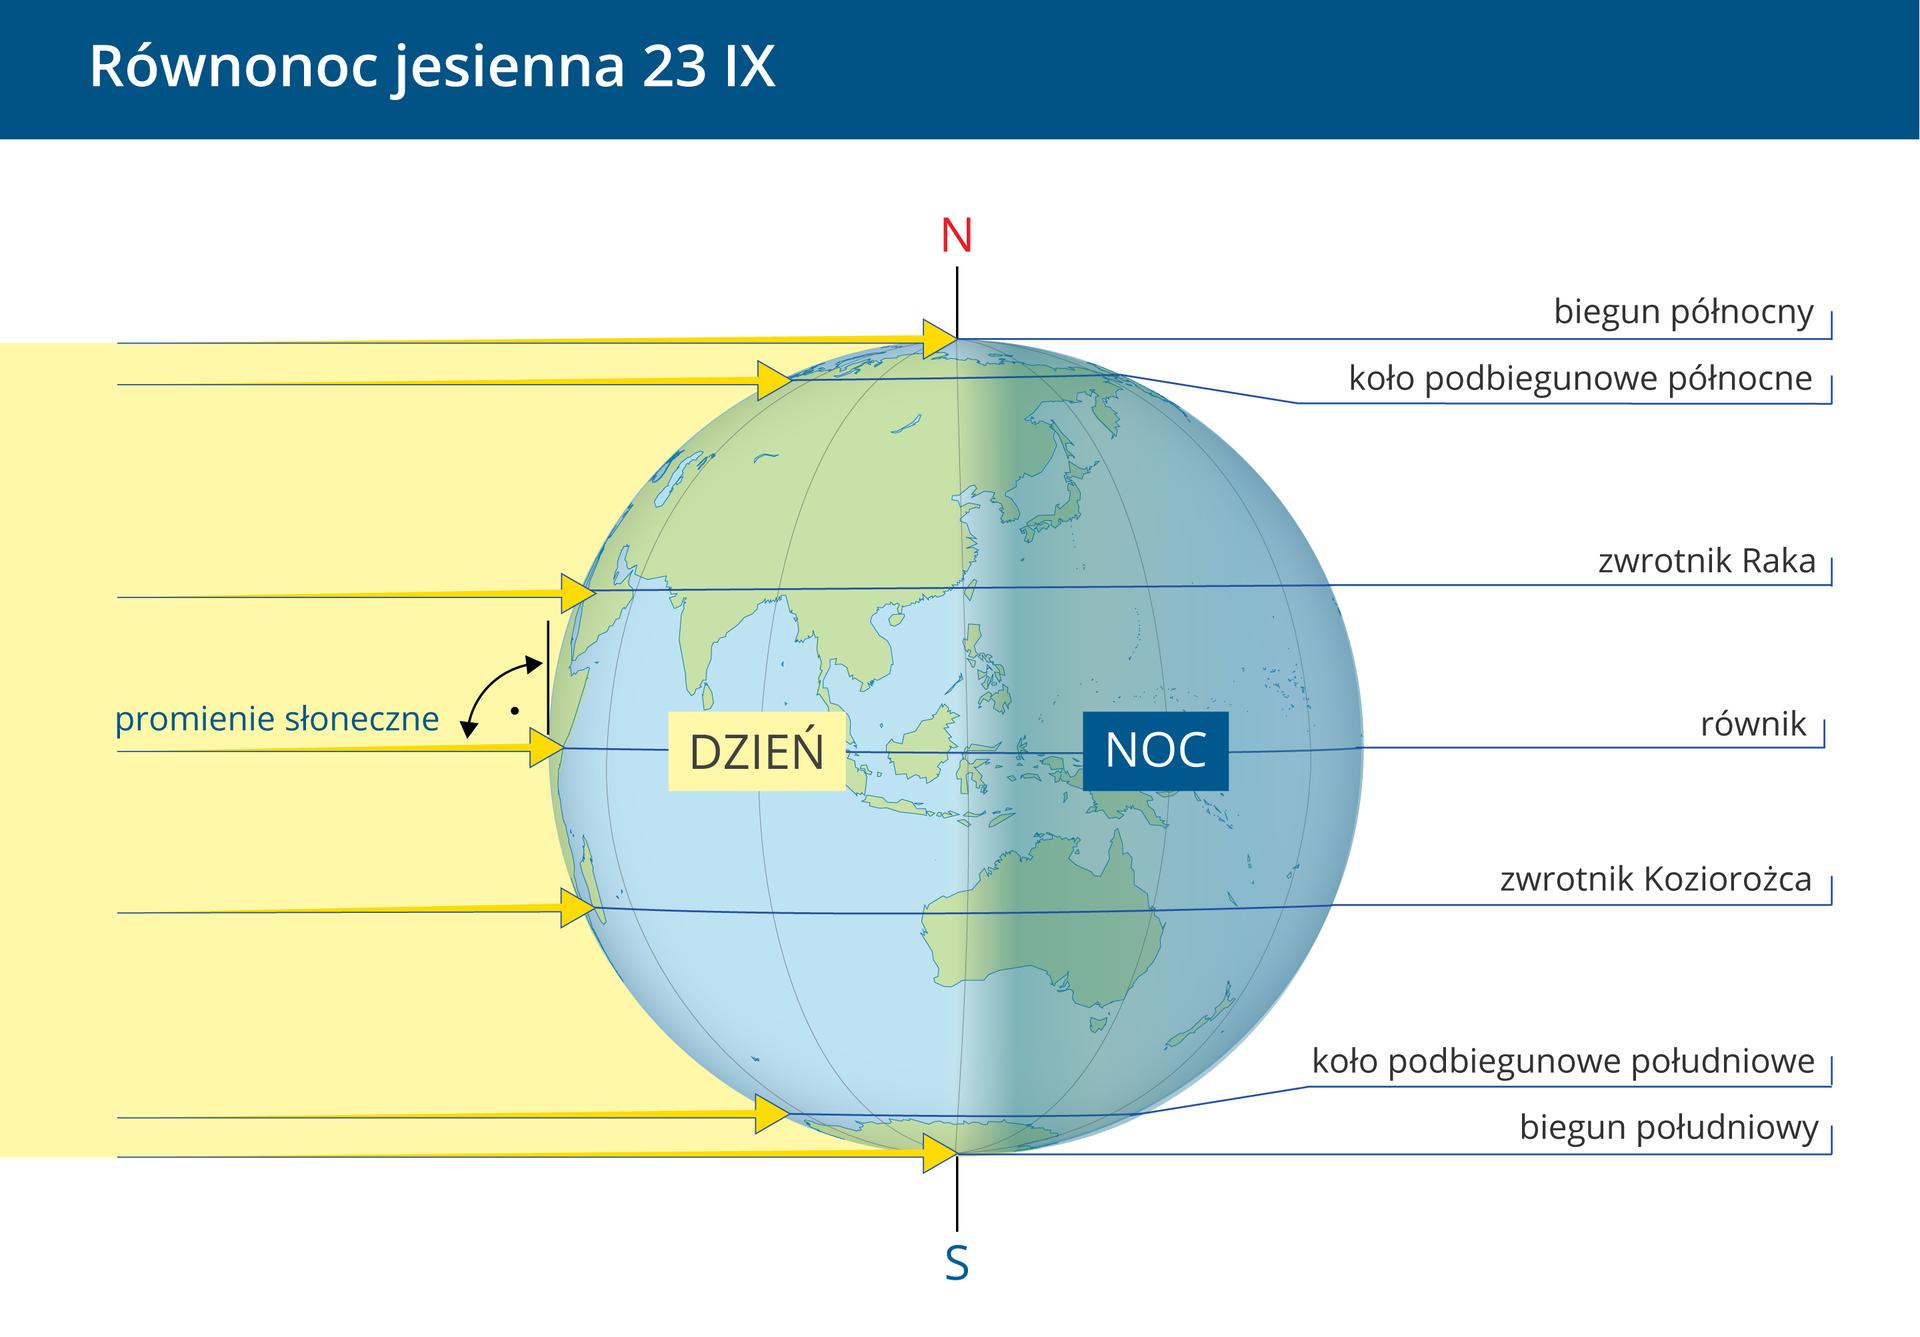 Trzecia ilustracja – równonoc jesienna, 23 września. Kula Ziemska jest równomiernie oświetlona do połowy zlewej strony - dzień, druga połowa ciemna zprawej strony, to noc. Zaznaczono prosty kąt padania promieni Słonecznych na równiku.